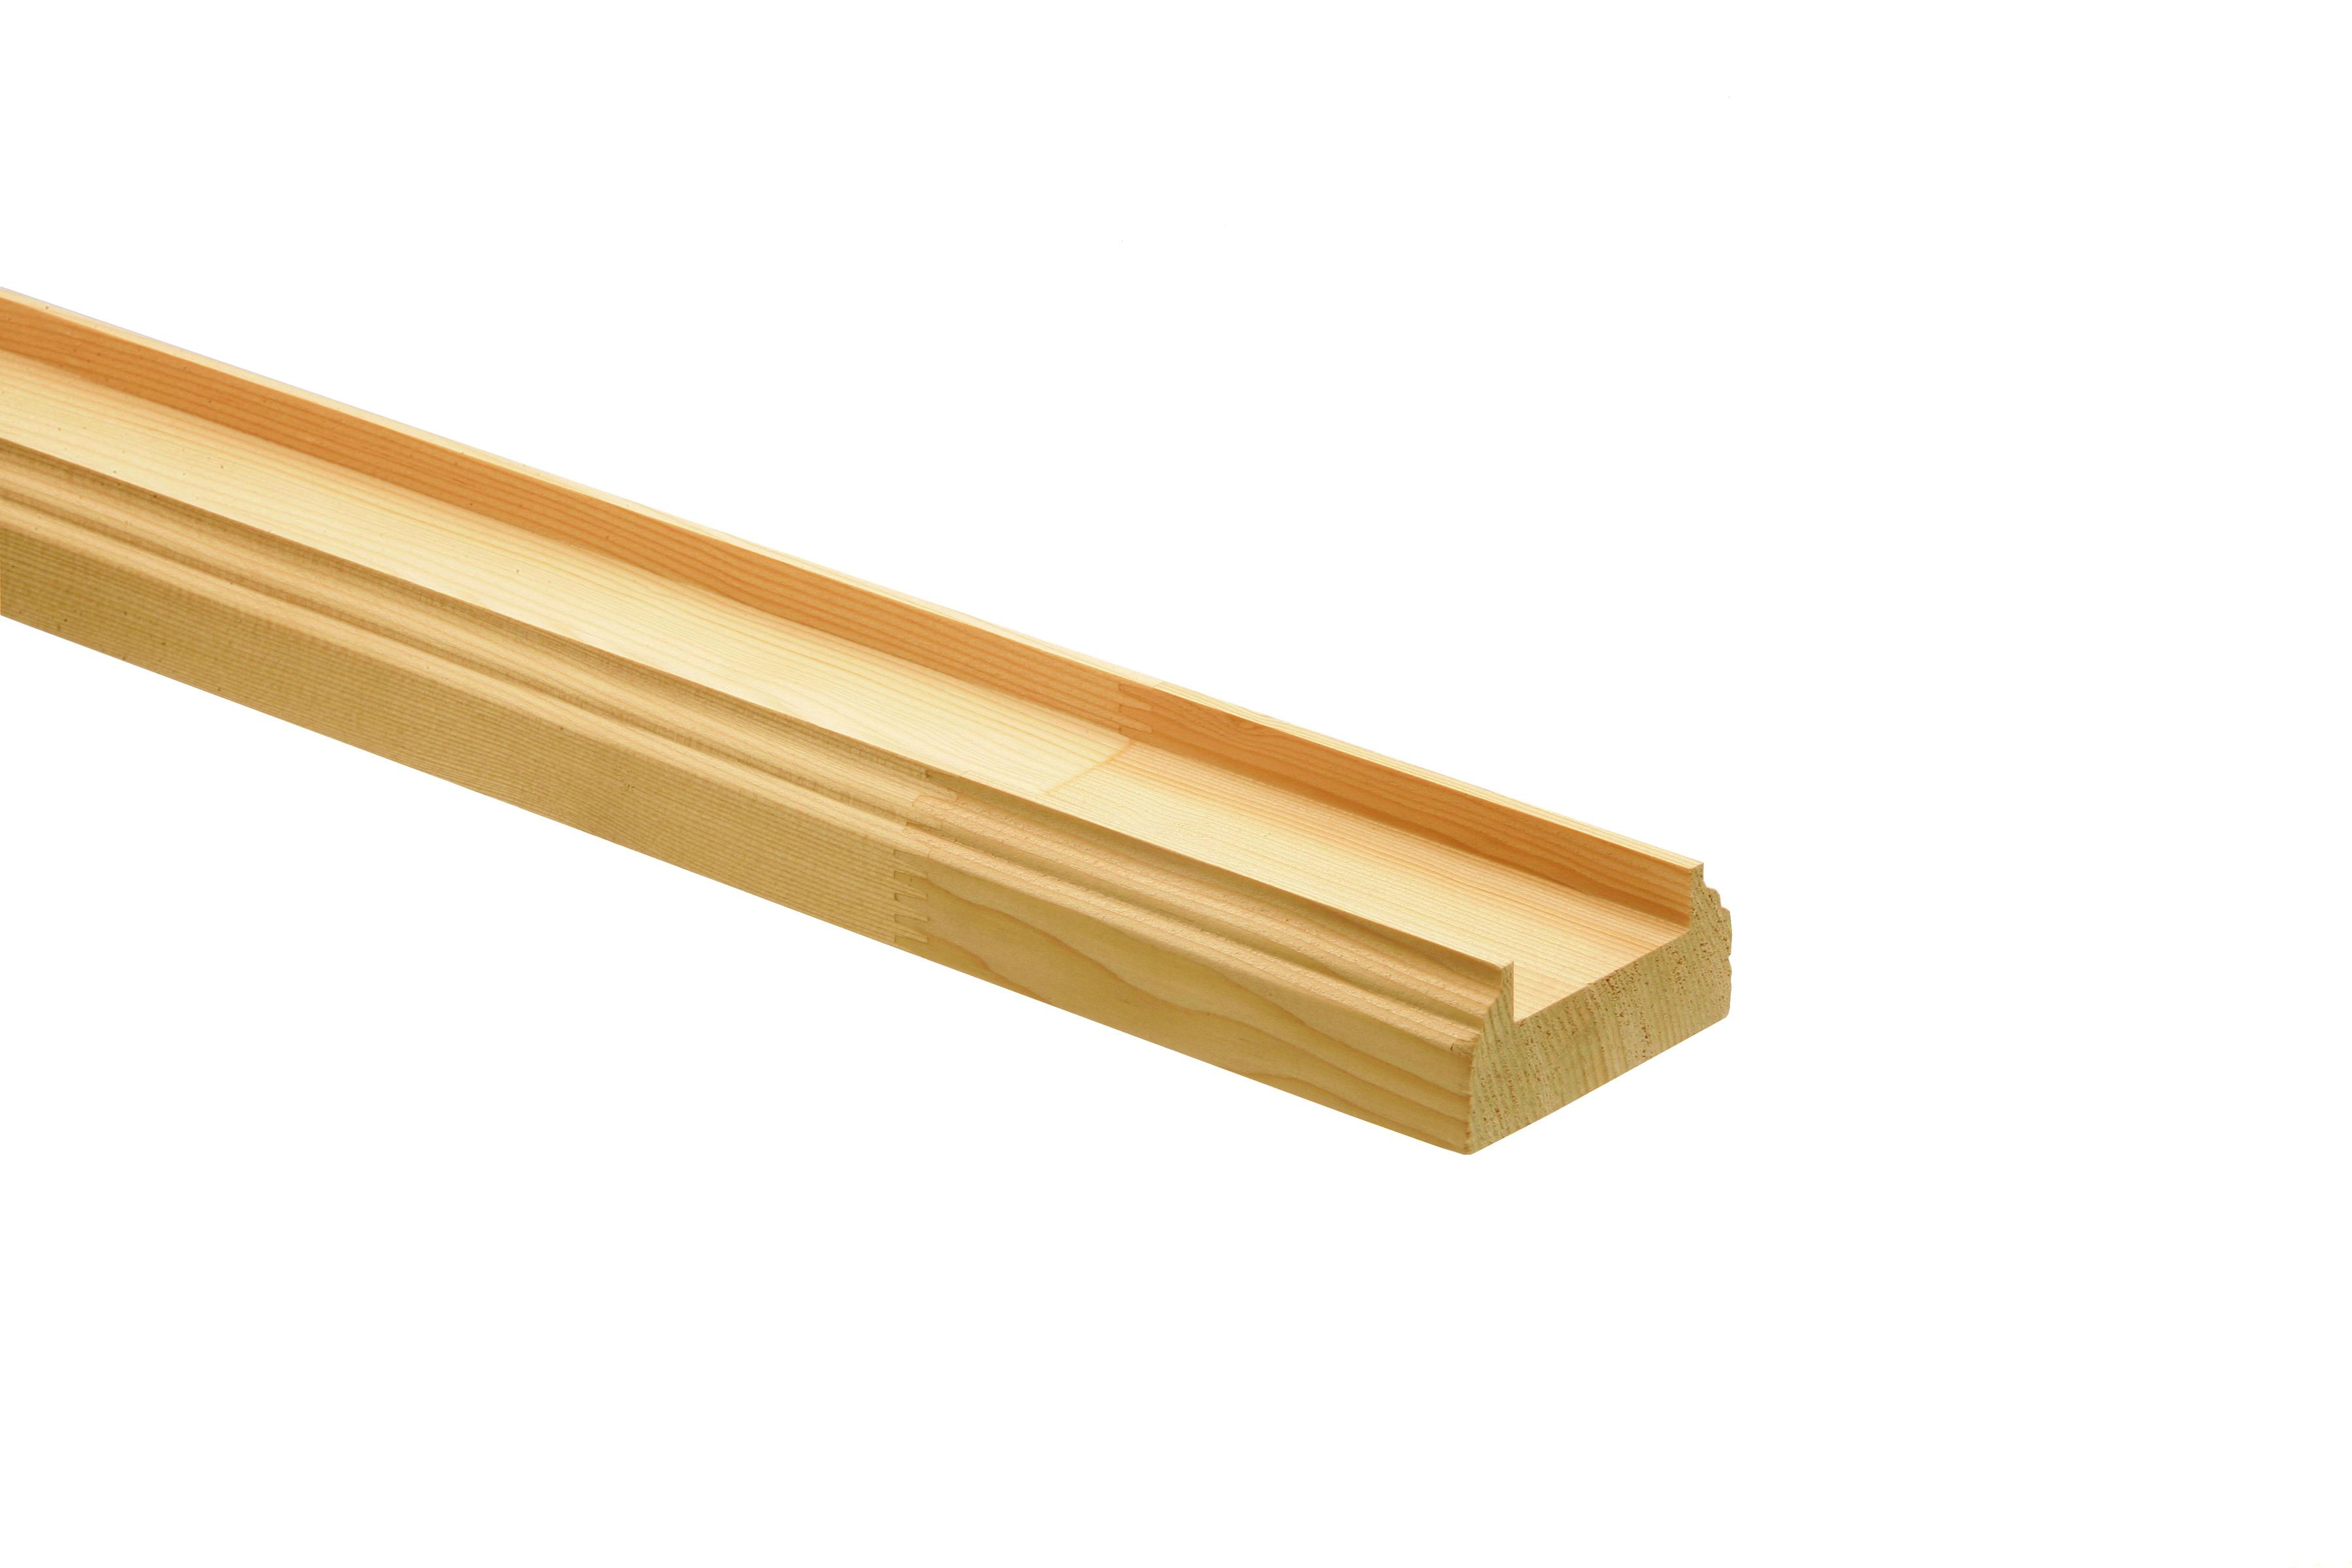 1 Hemlock Baserail 2400 41